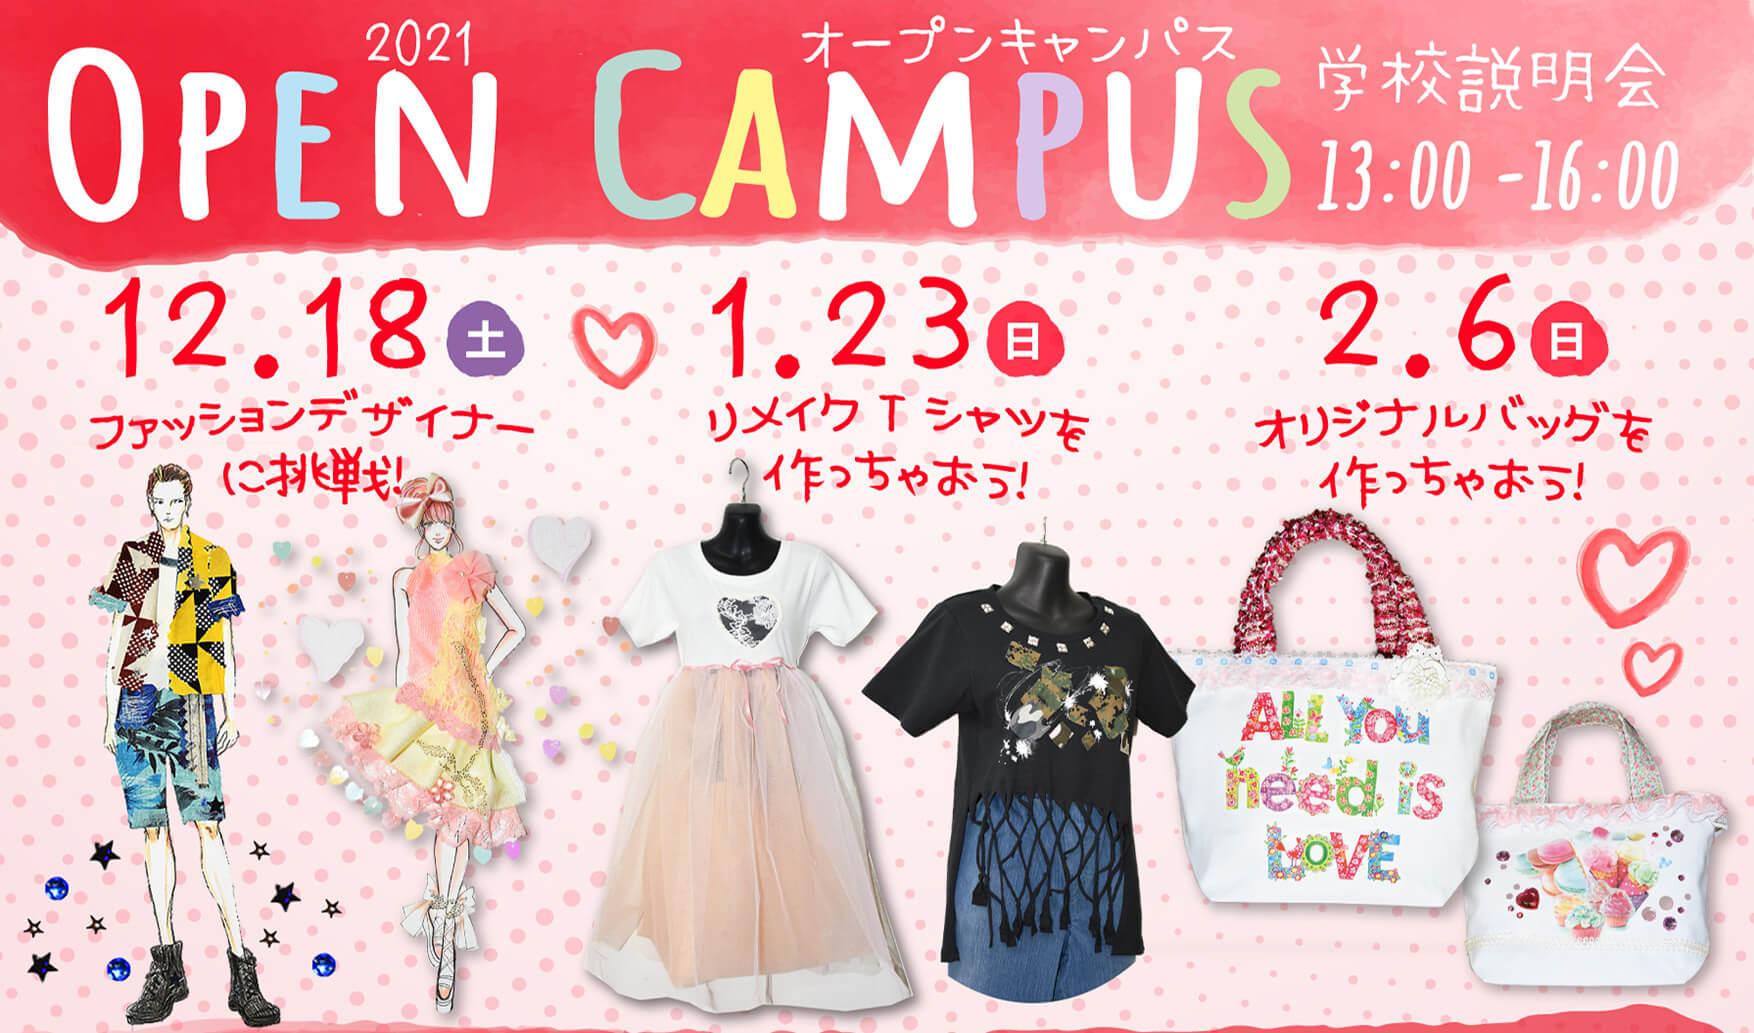 江東服飾高等専修学校 - オープンキャンパス 2021年12月 ~ 2022年1月、2月